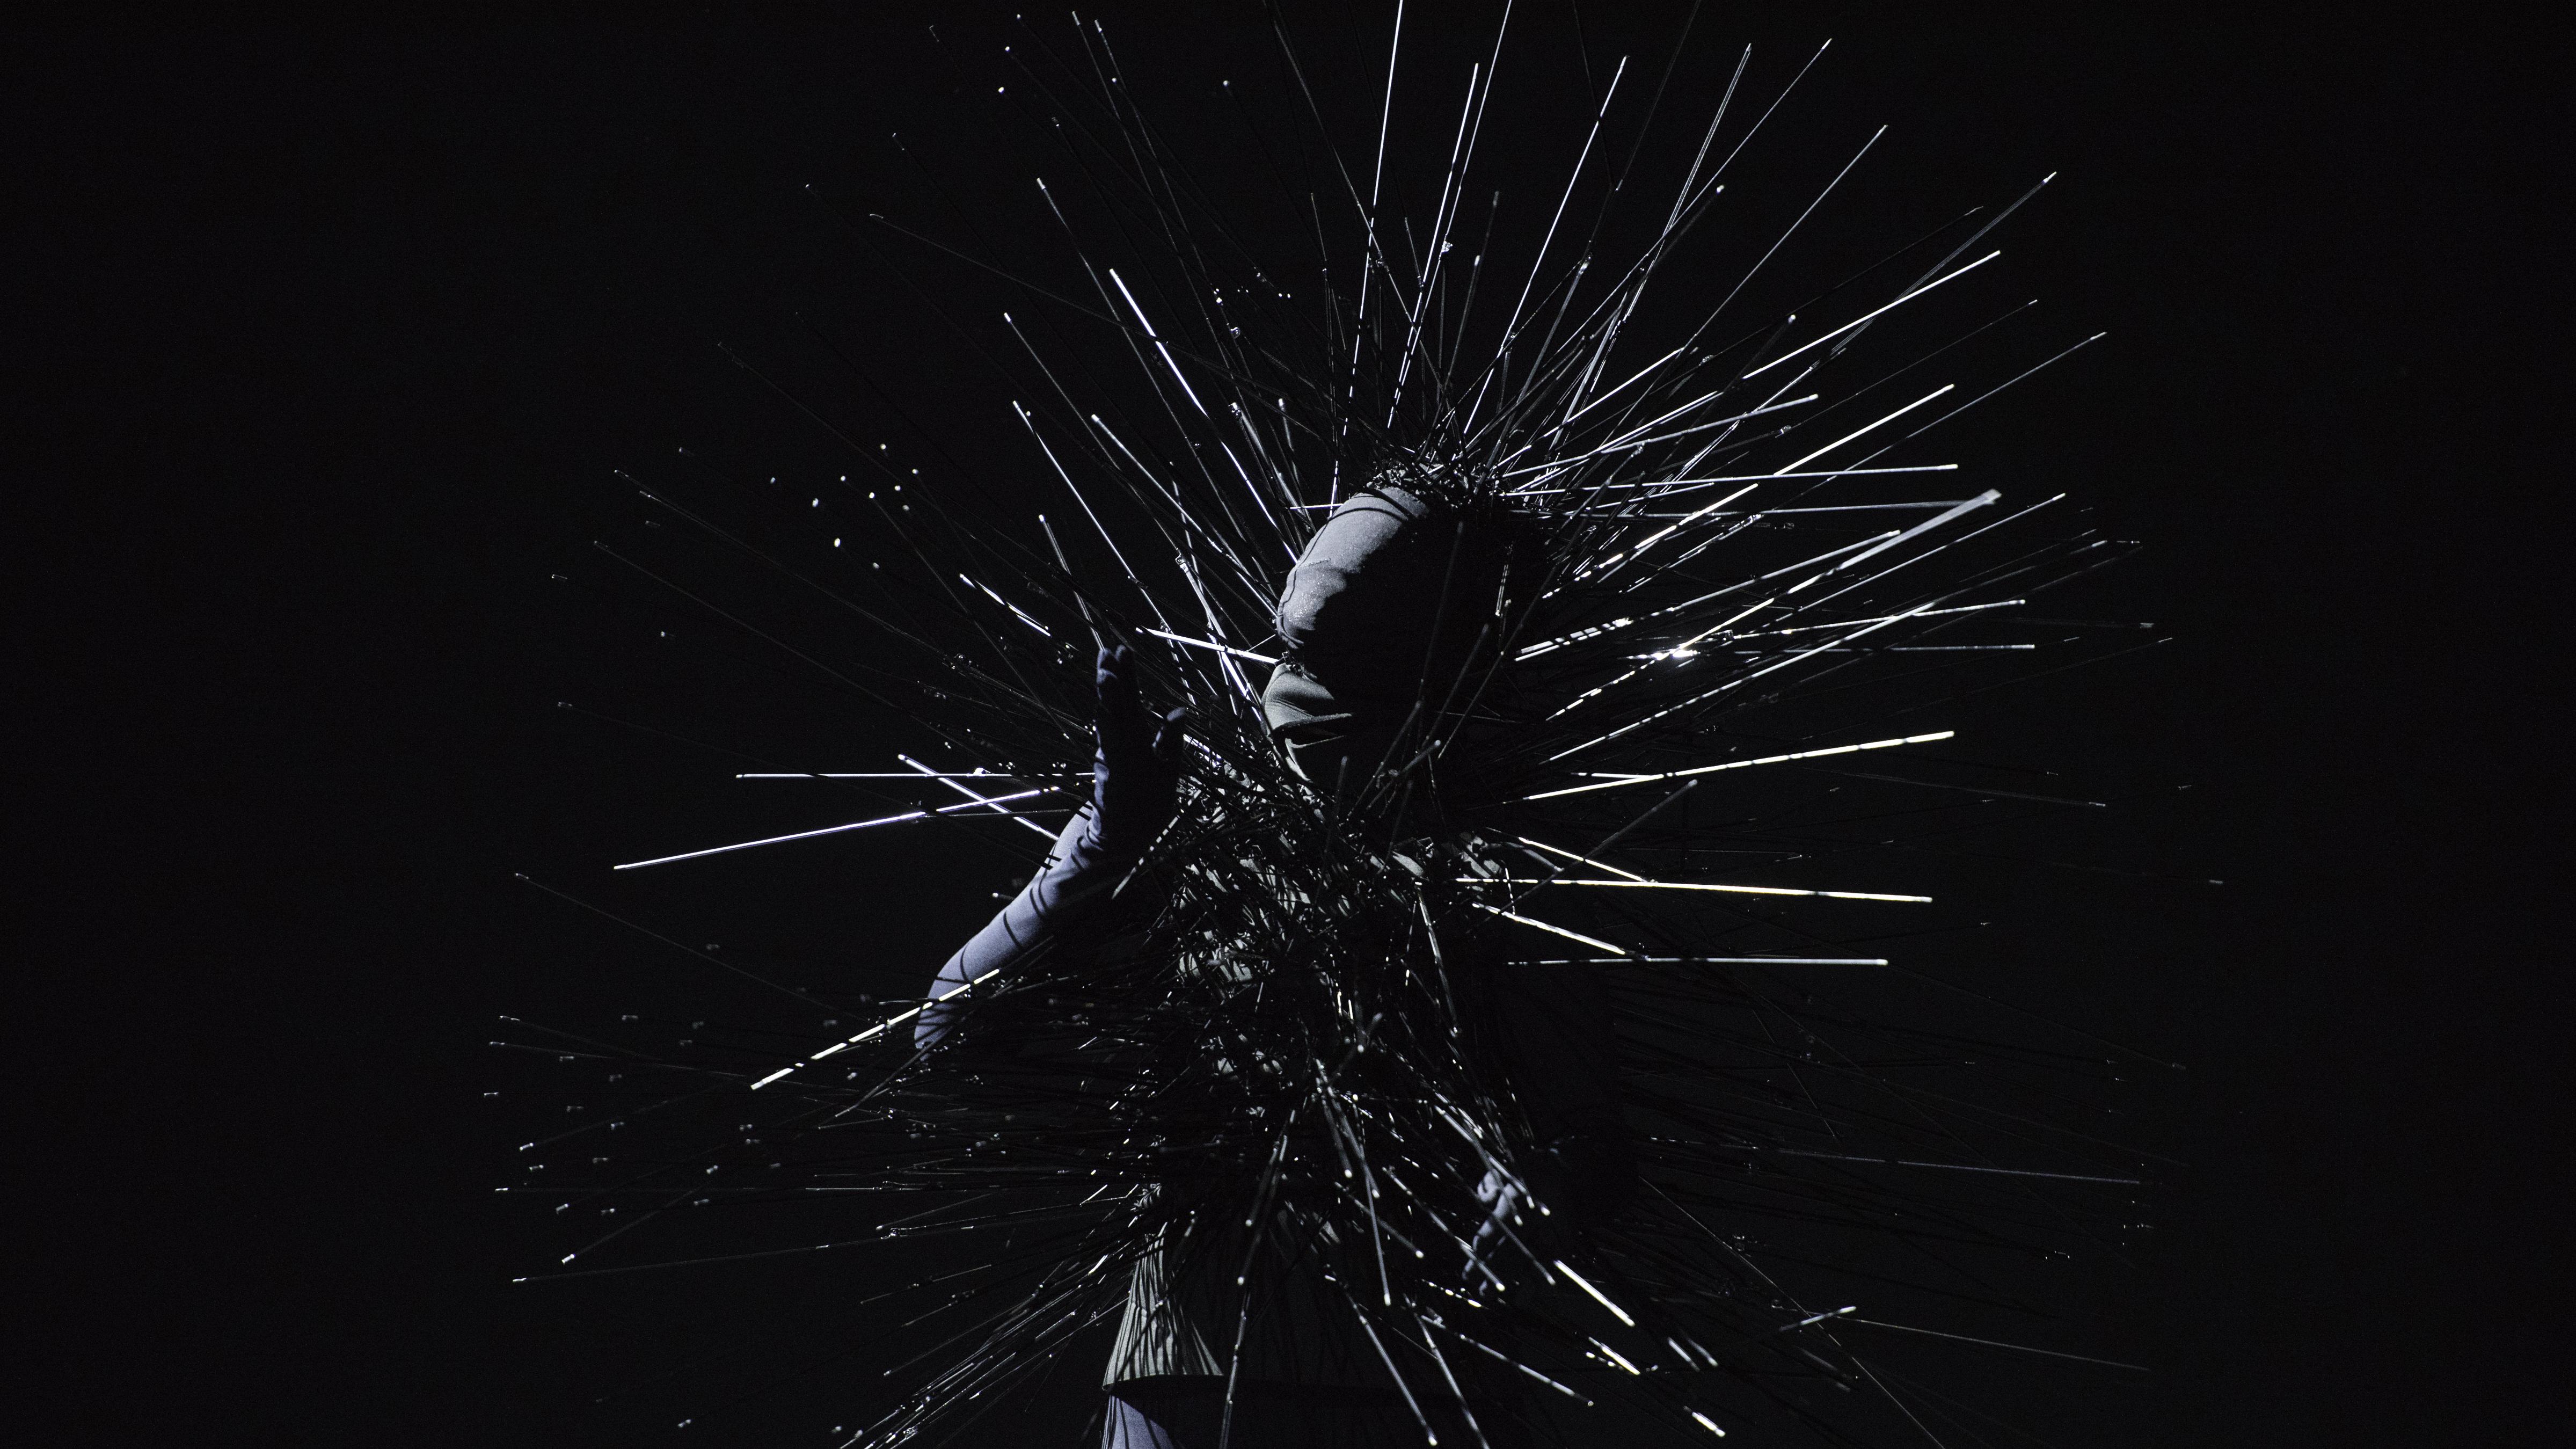 """07.06.2017. Radialsystem V. Berlin  Proben zu dem Stück """"Creation"""" von Sasha Waltz und Guests im Radialstem V in Berlin."""